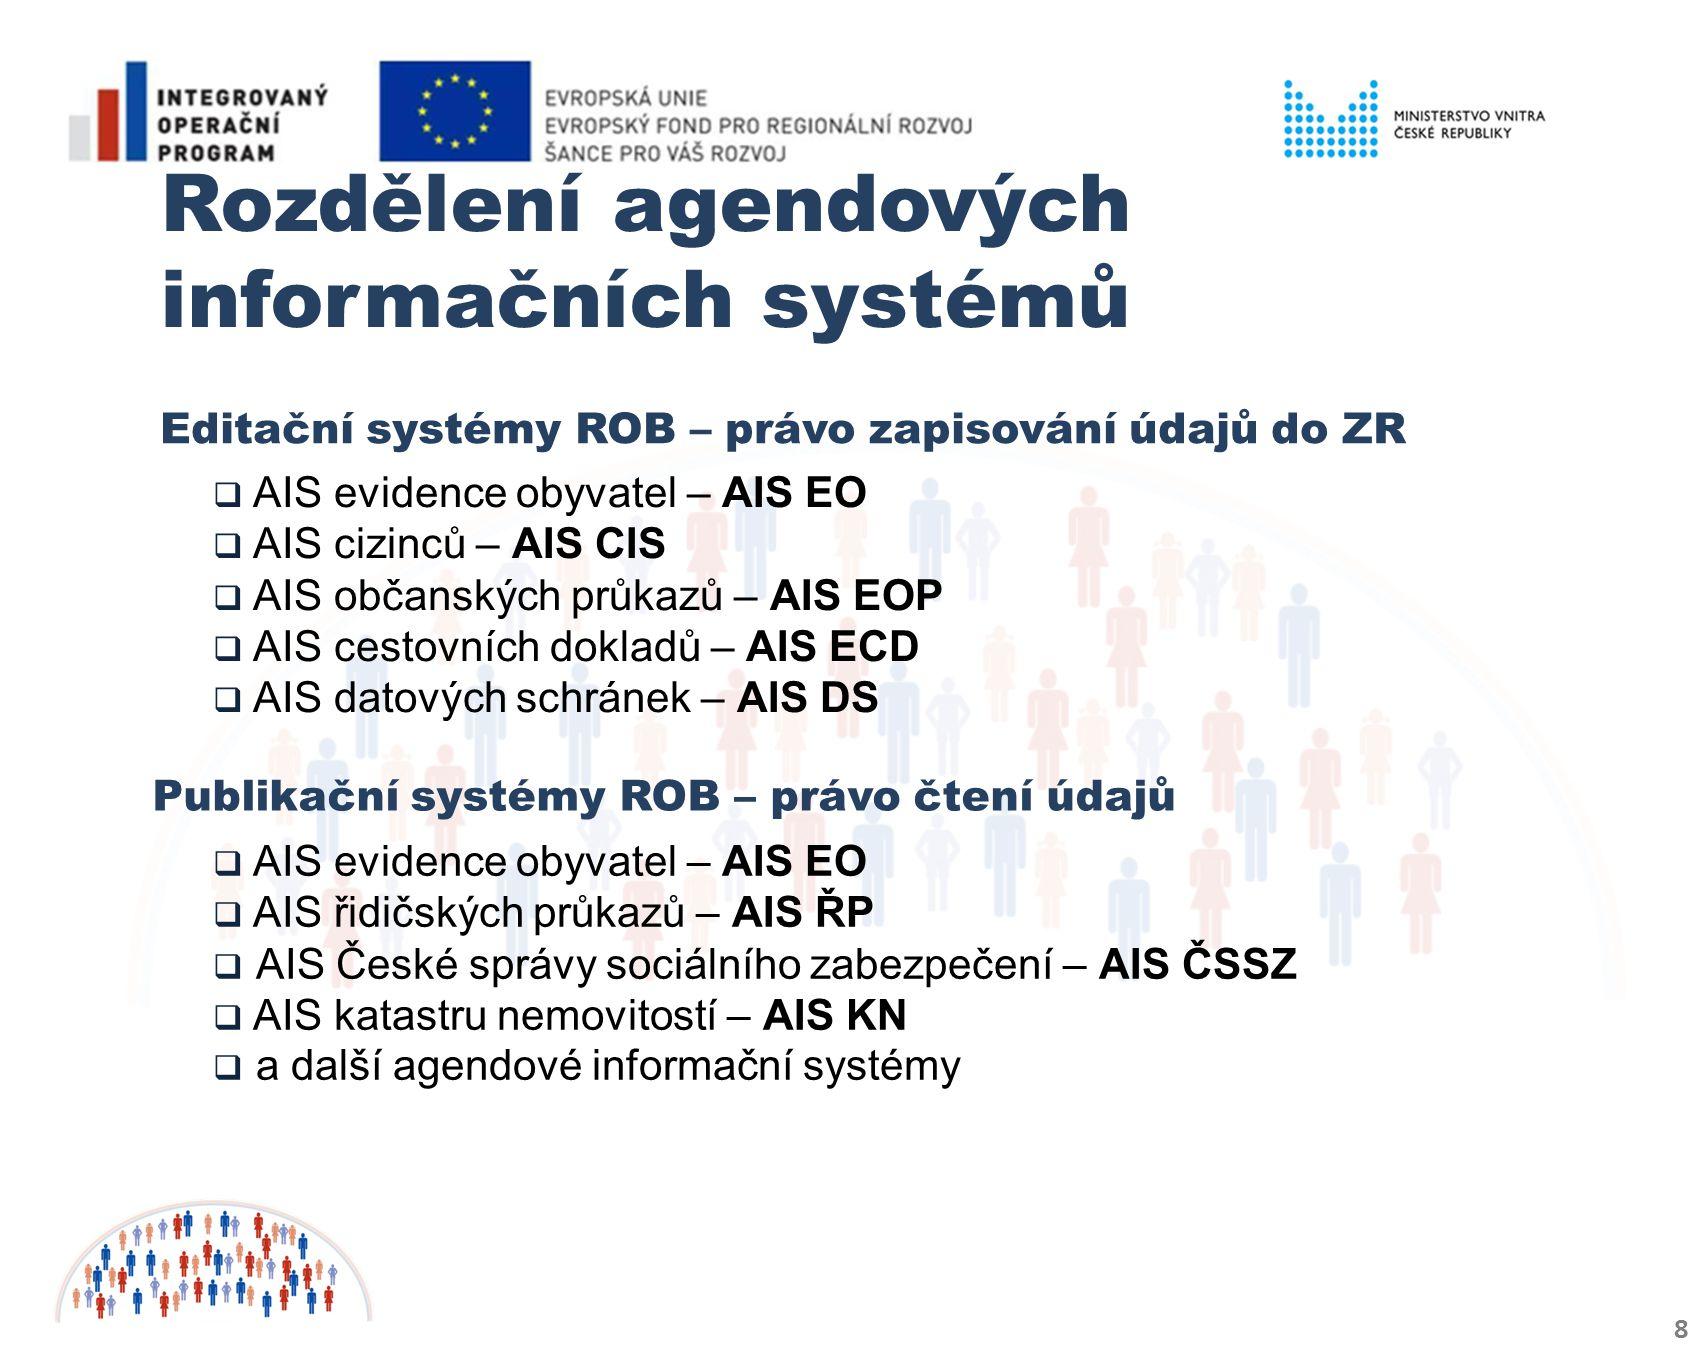 8 Rozdělení agendových informačních systémů Editační systémy ROB – právo zapisování údajů do ZR Publikační systémy ROB – právo čtení údajů  AIS evidence obyvatel – AIS EO  AIS cizinců – AIS CIS  AIS občanských průkazů – AIS EOP  AIS cestovních dokladů – AIS ECD  AIS datových schránek – AIS DS  AIS evidence obyvatel – AIS EO  AIS řidičských průkazů – AIS ŘP  AIS České správy sociálního zabezpečení – AIS ČSSZ  AIS katastru nemovitostí – AIS KN  a další agendové informační systémy